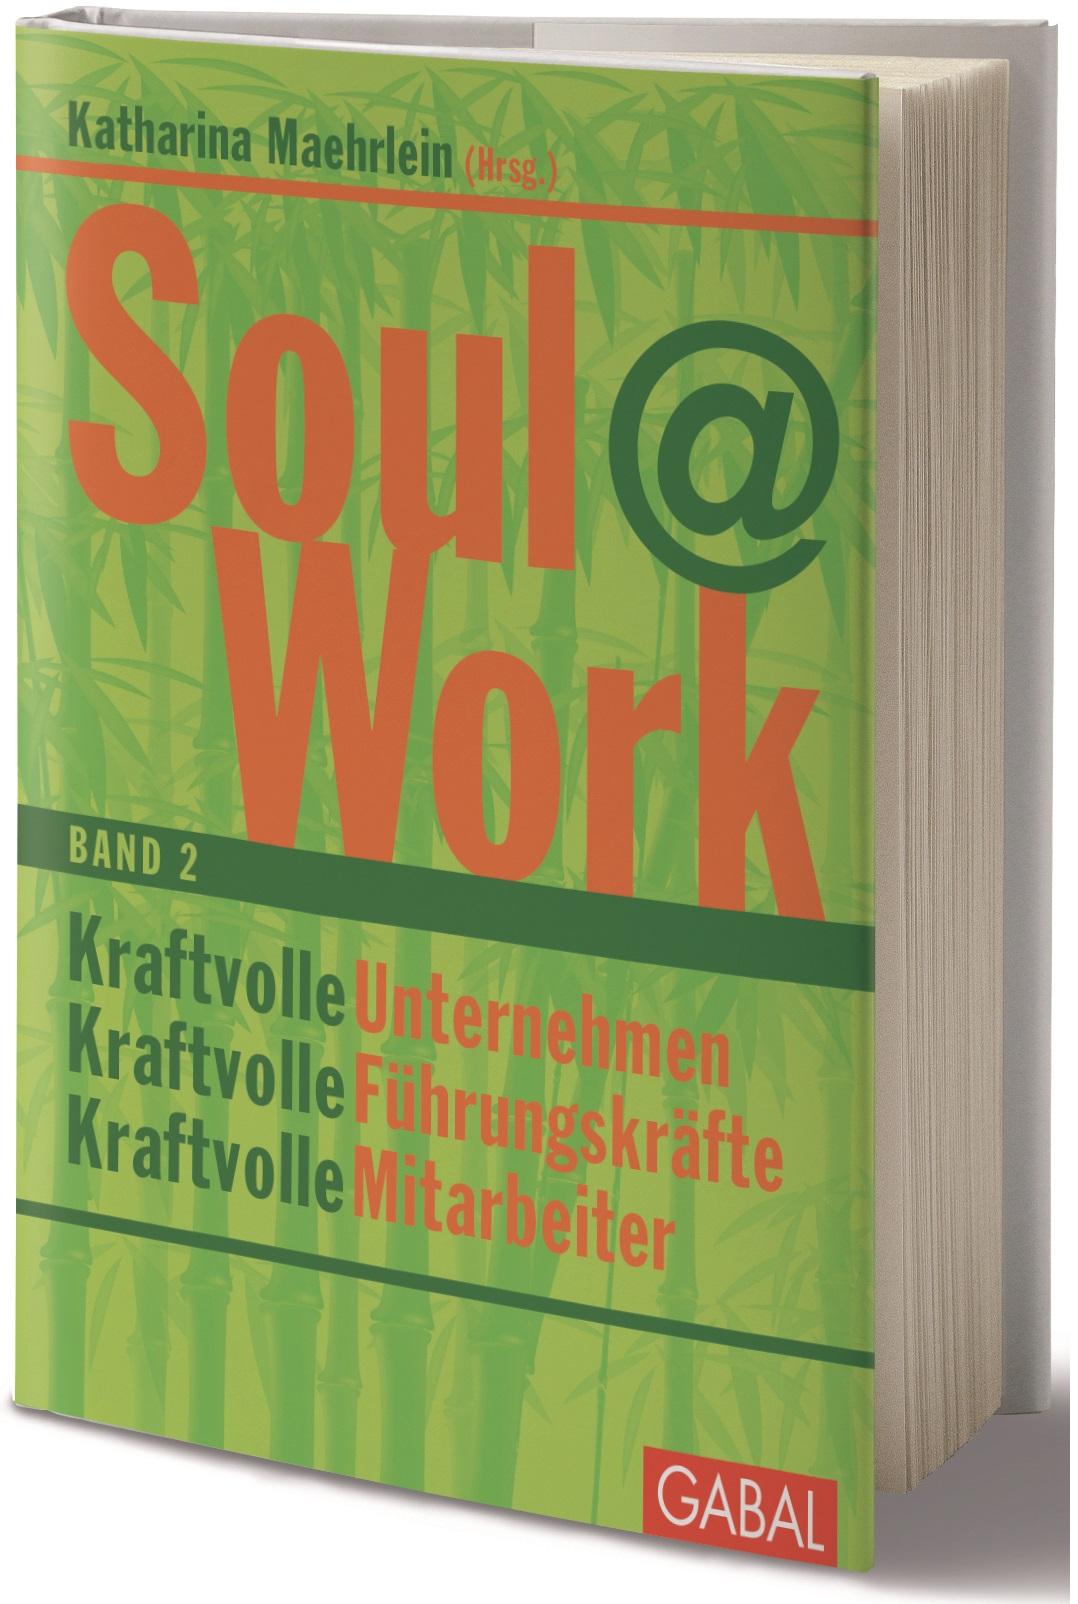 Neues Buch mit meinem Beitrag